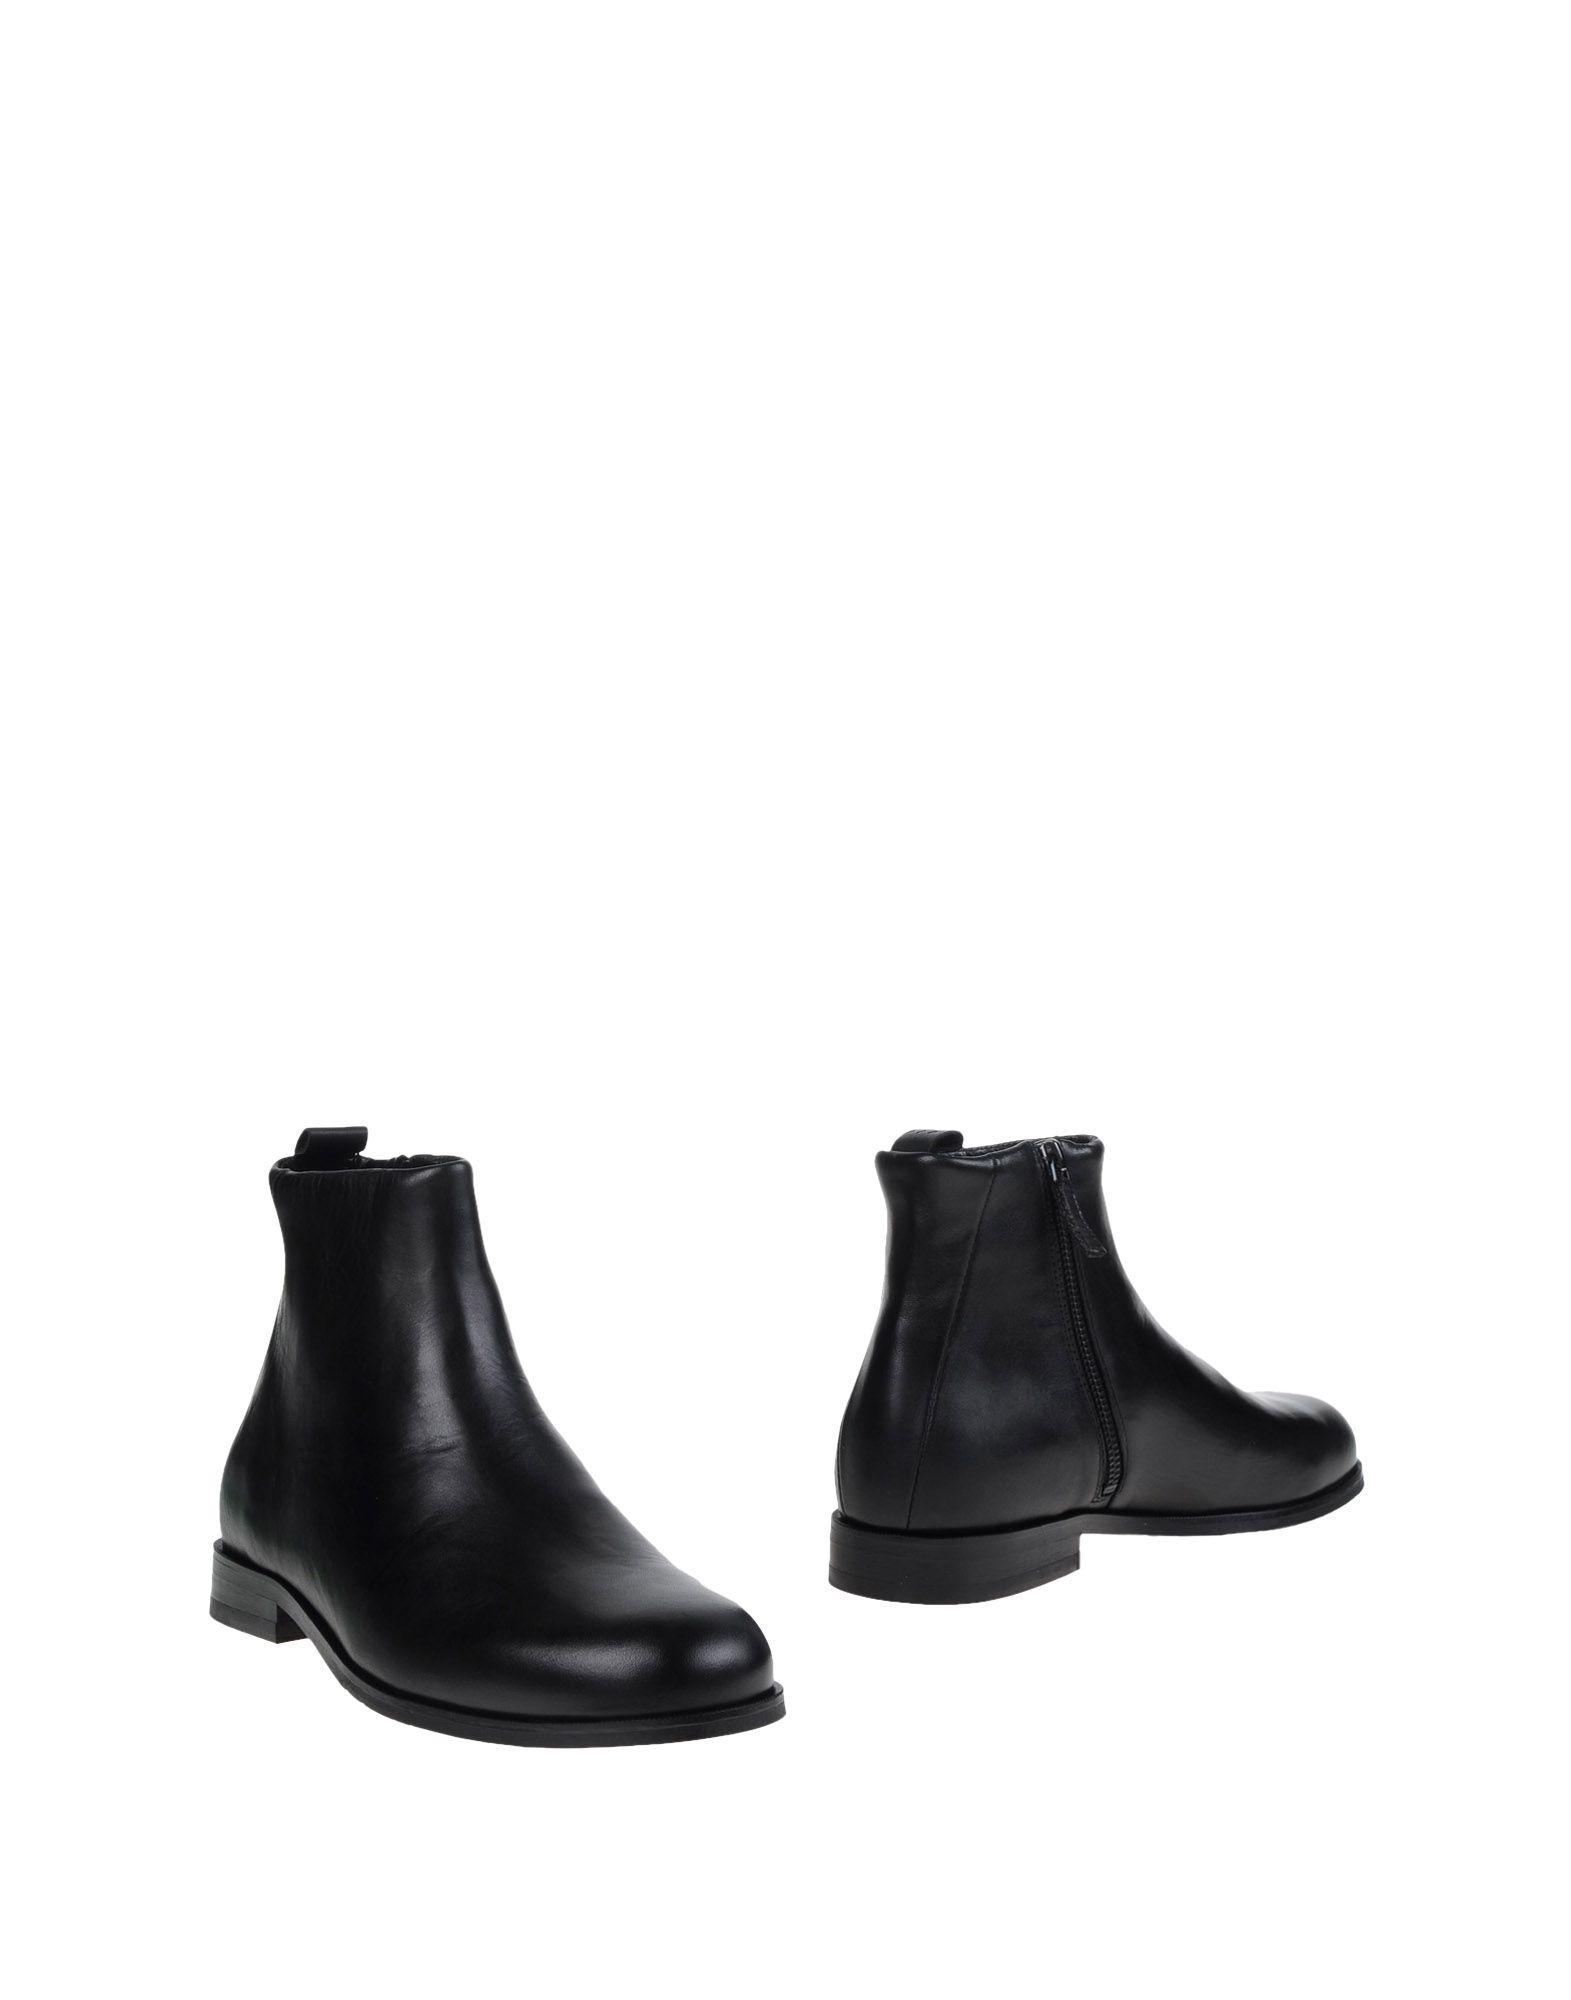 Royal Republiq Womens Shoes